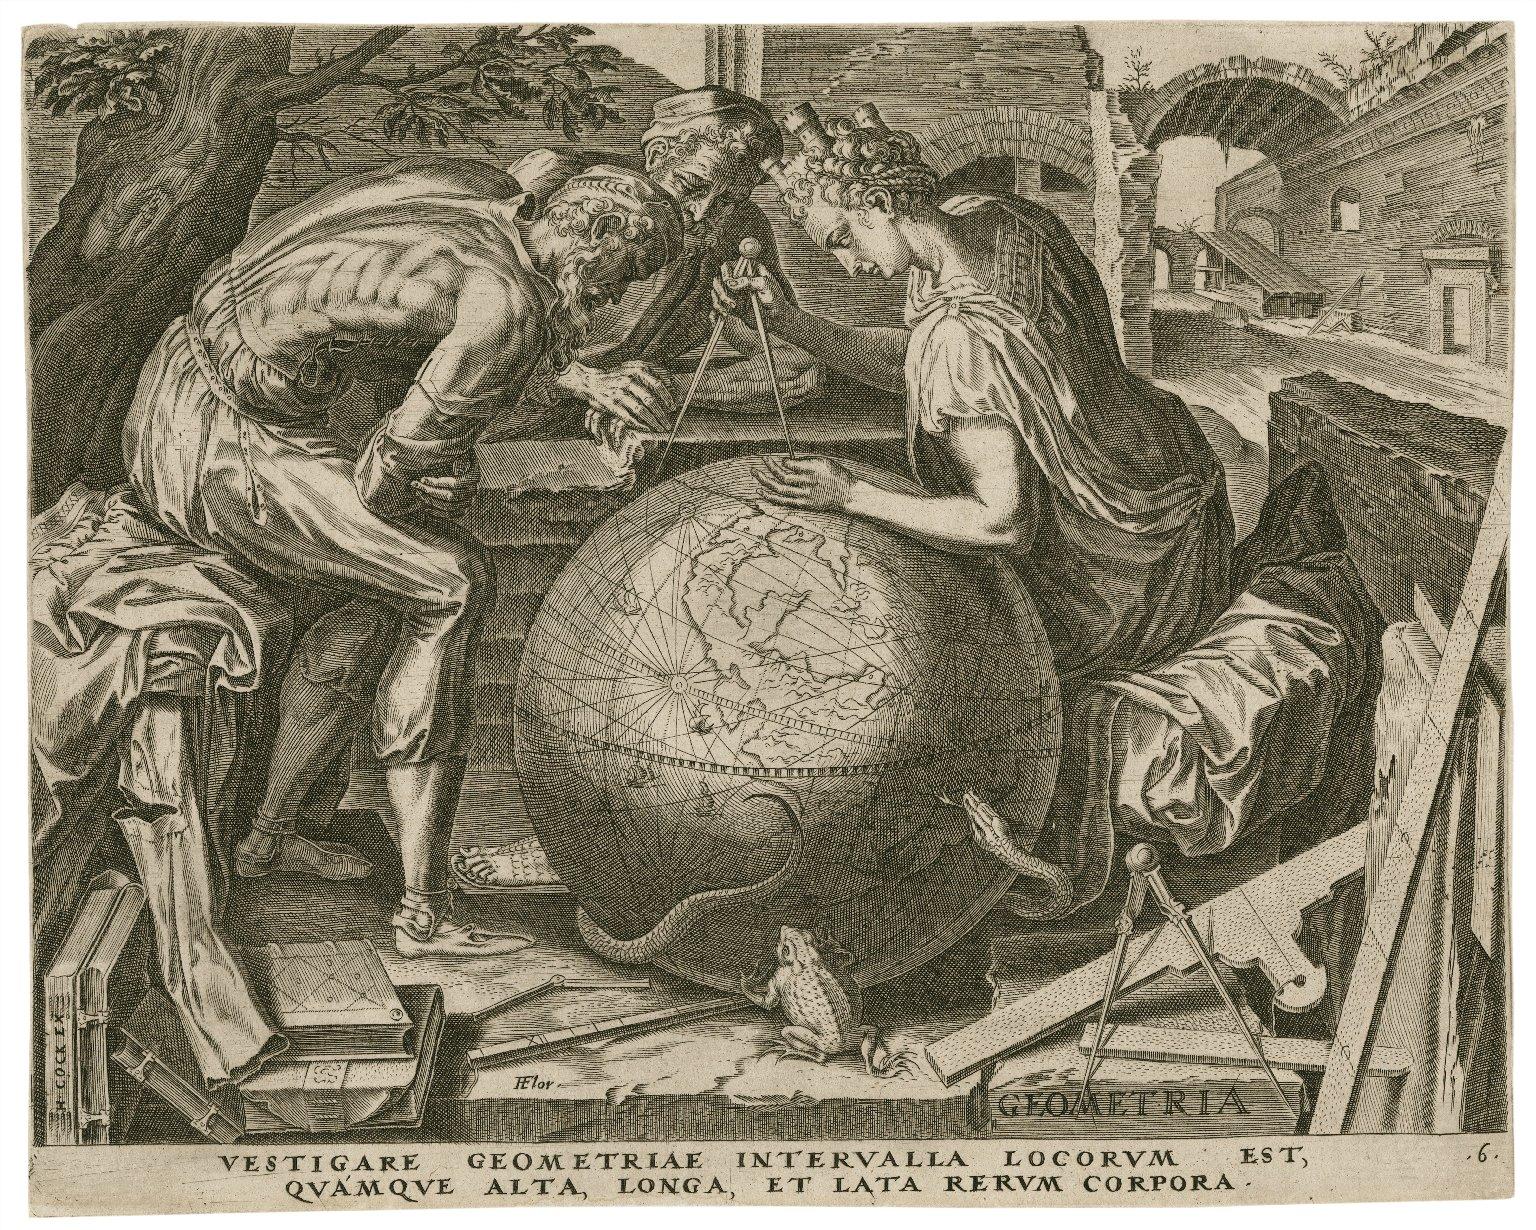 Vestigare geometriae interualla locorum est, quamque alto, longa, et lata rerum corpora [graphic] / F. Flor.